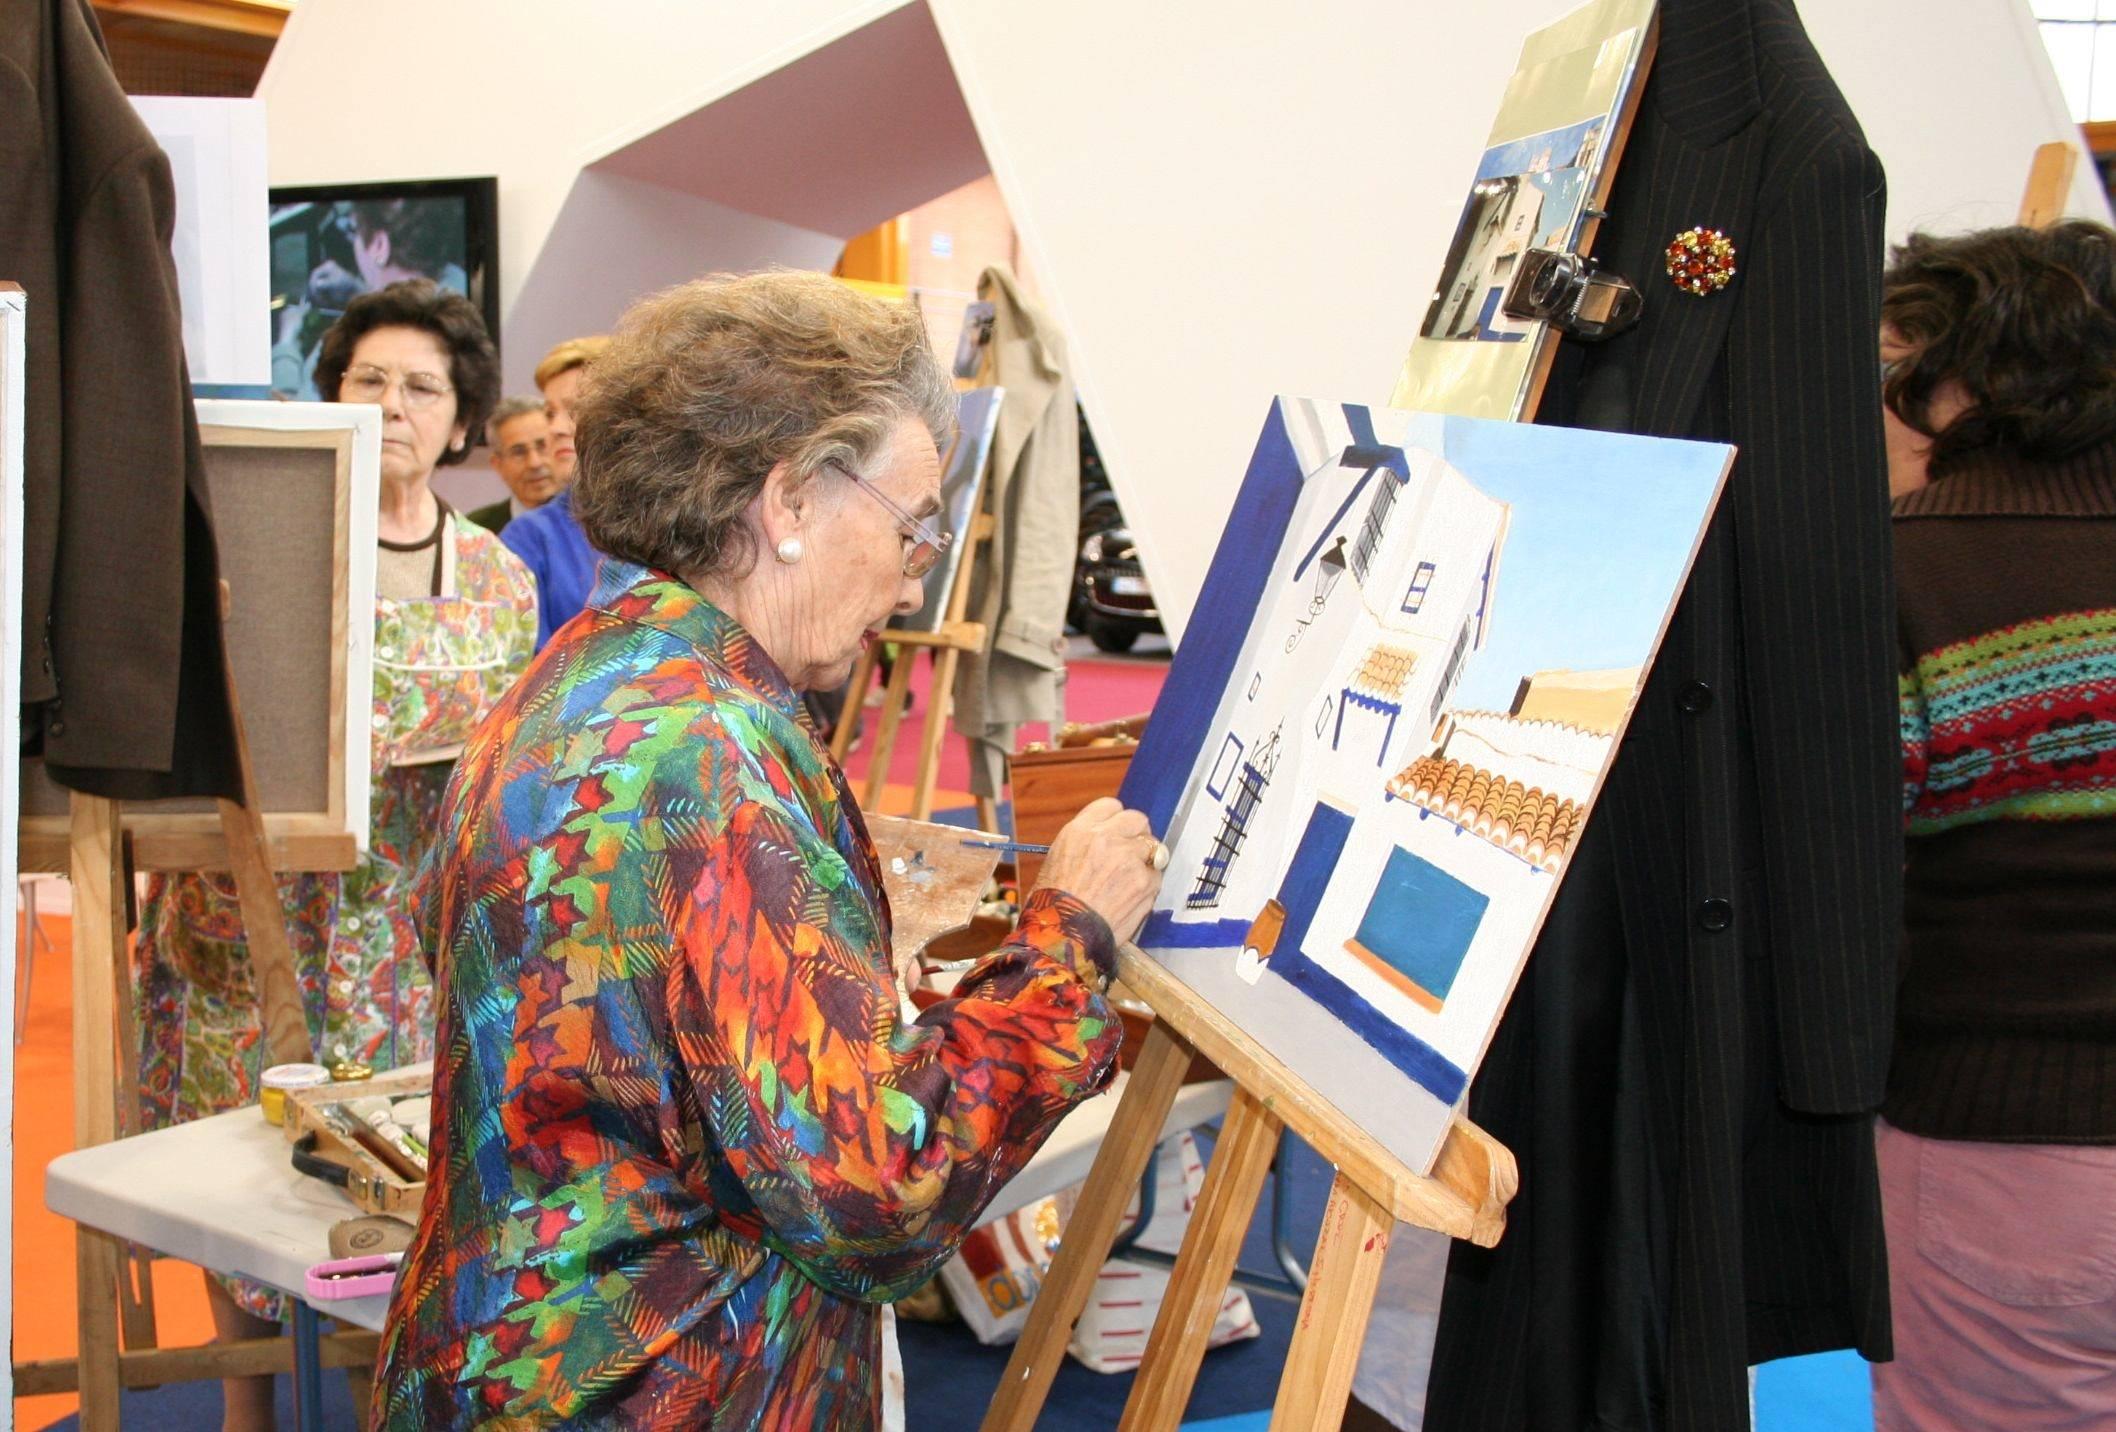 herencia universidad popular b - La directora de la Upe de Herencia podría representar a Ciudad Real en la Asamblea General de la FEUP